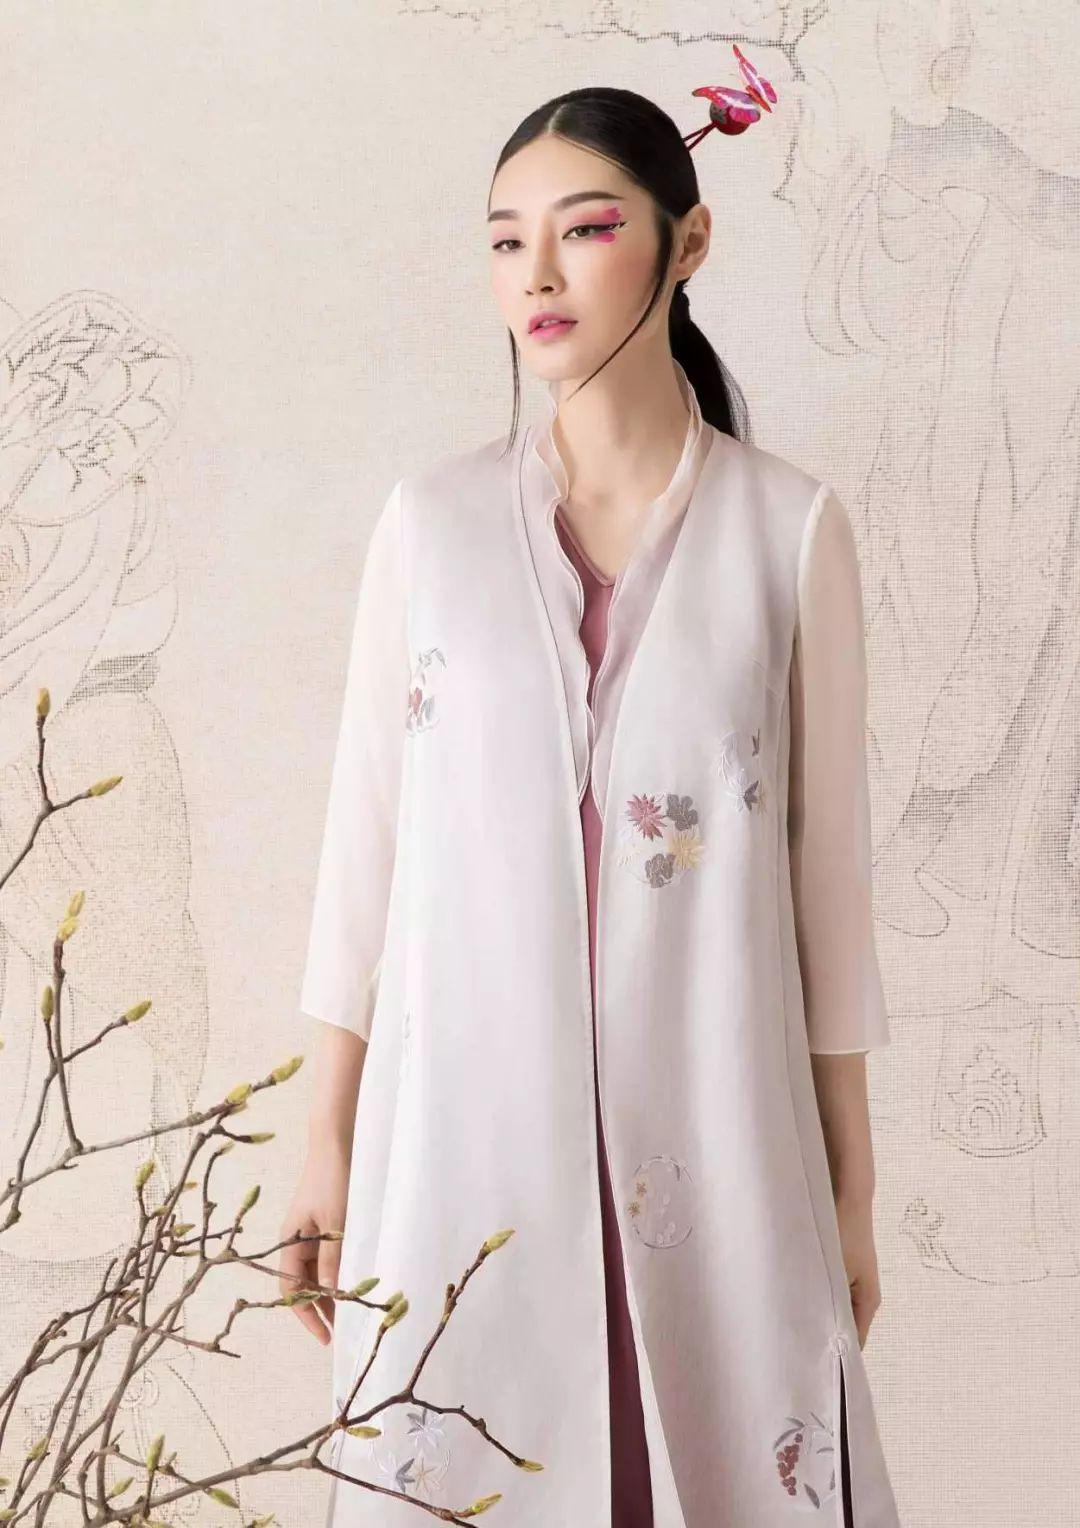 2019深圳时尚展 衡韵雅序 雅生活和慢时尚里的禅意与精致